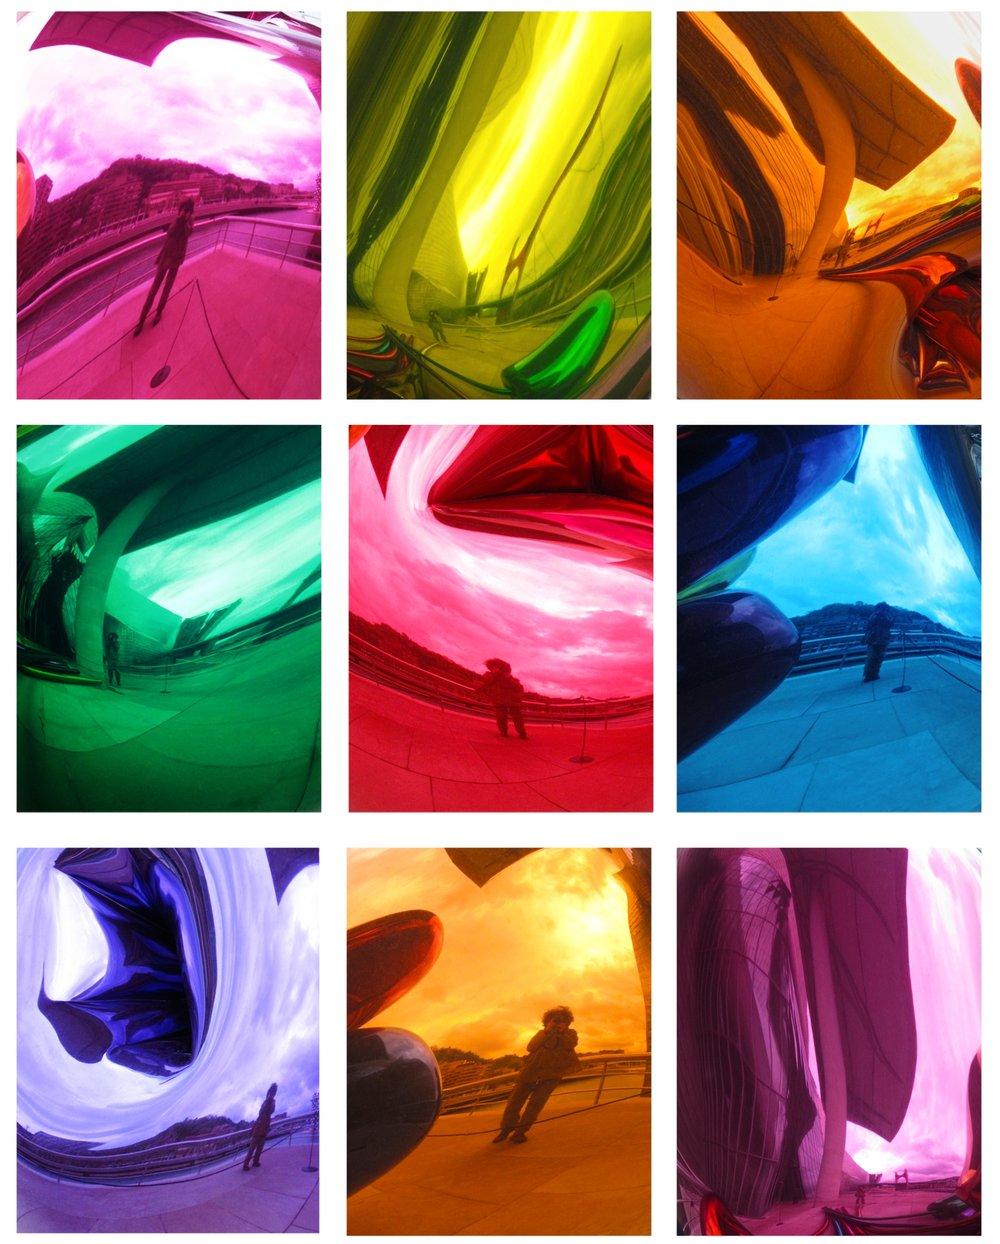 self_portrait_as_a_sucker-4web copy.jpg